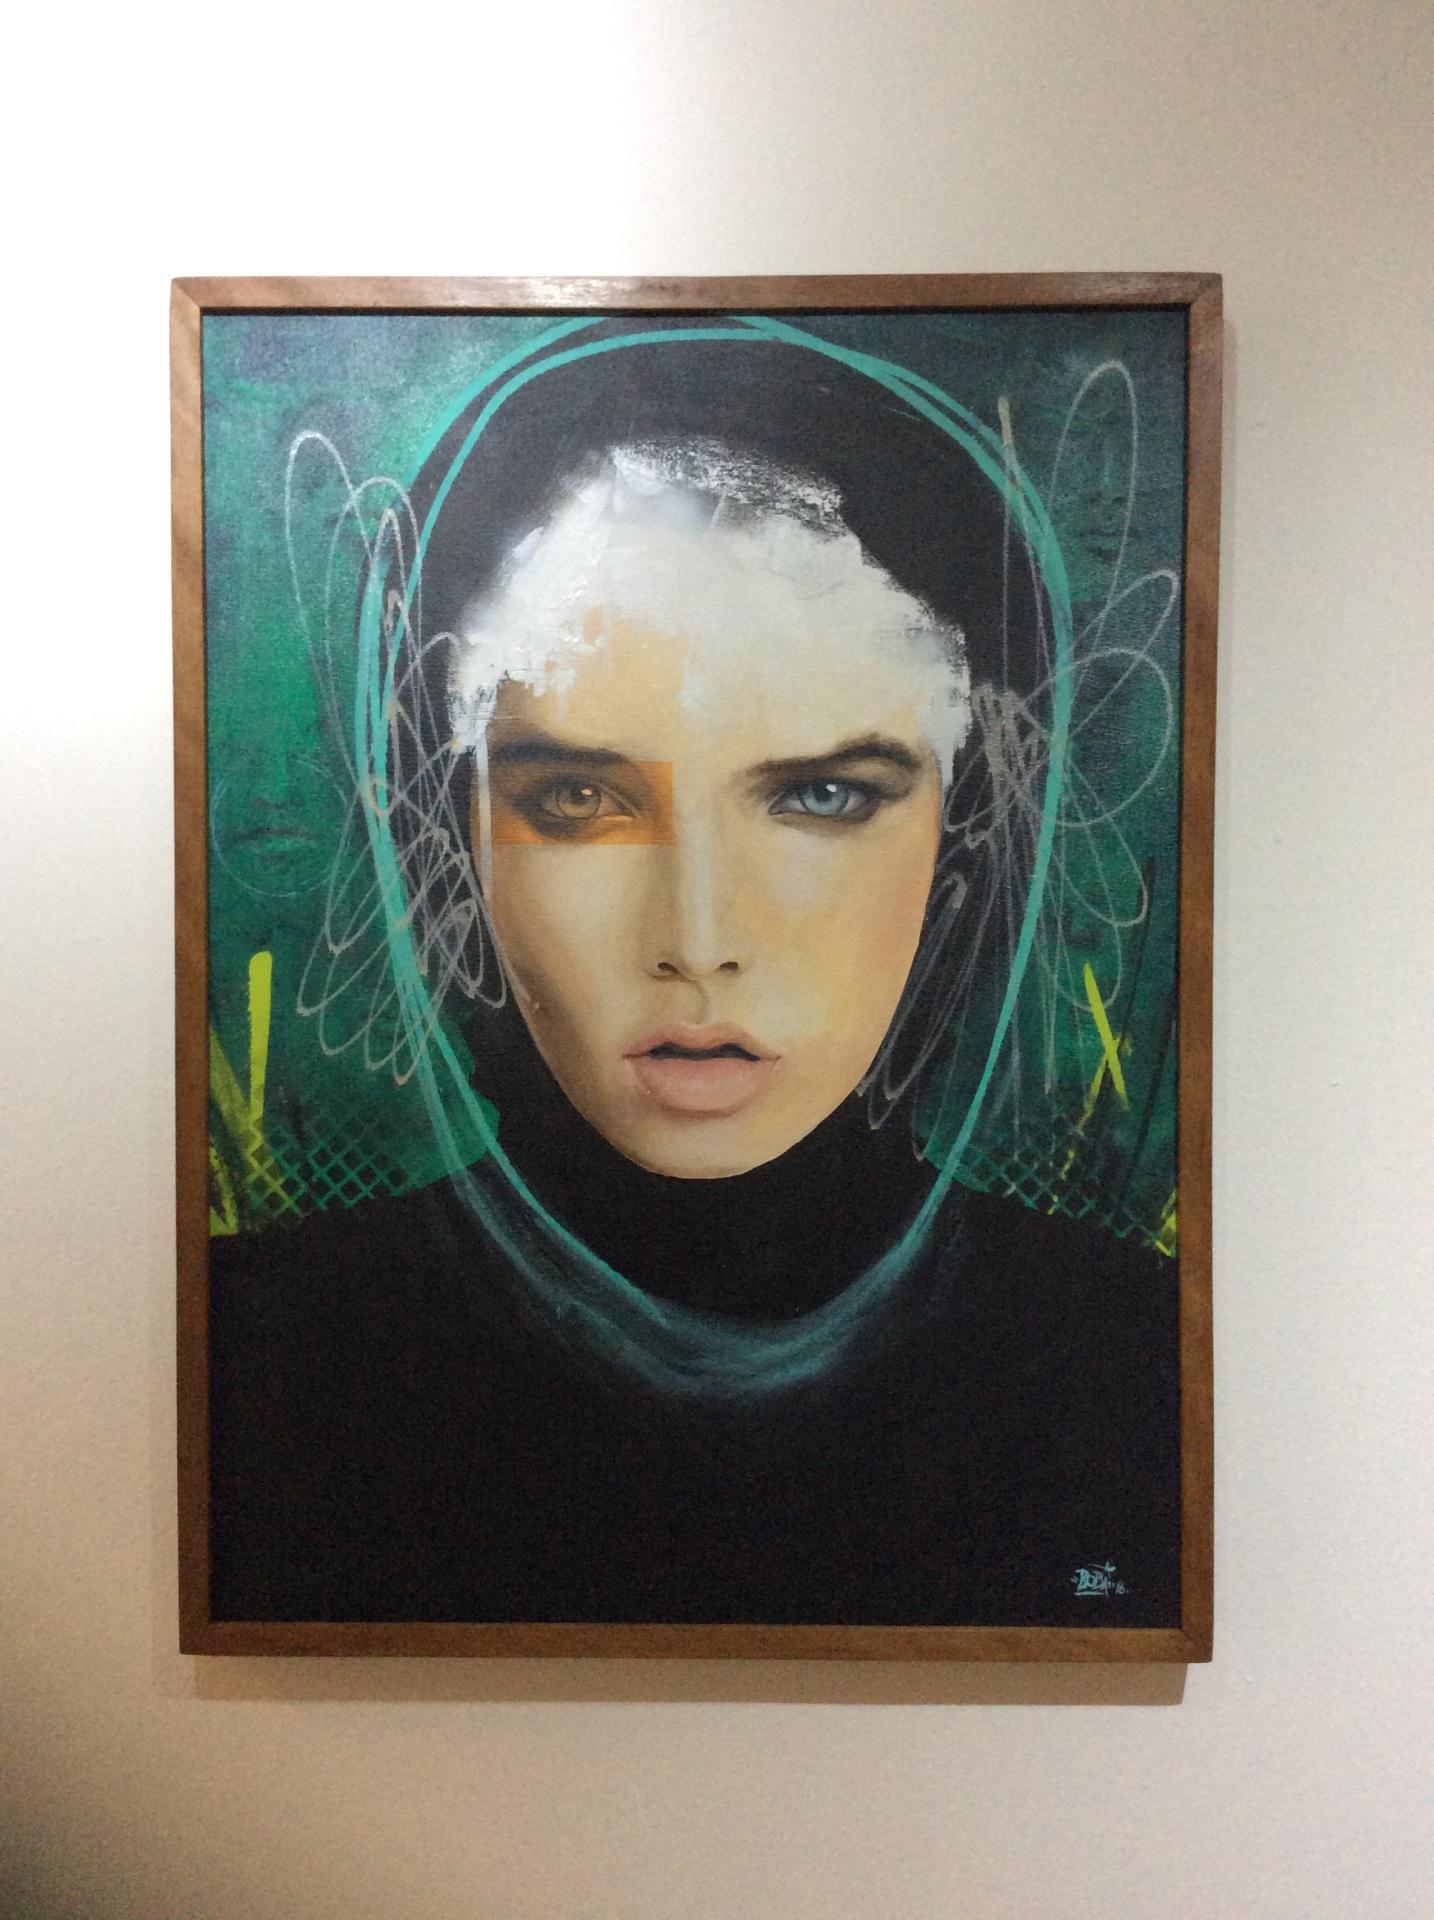 Envolvimento - Tamanho: 80x60 cm Técnica: Acrilica e spray sobre tela -  Indisponível